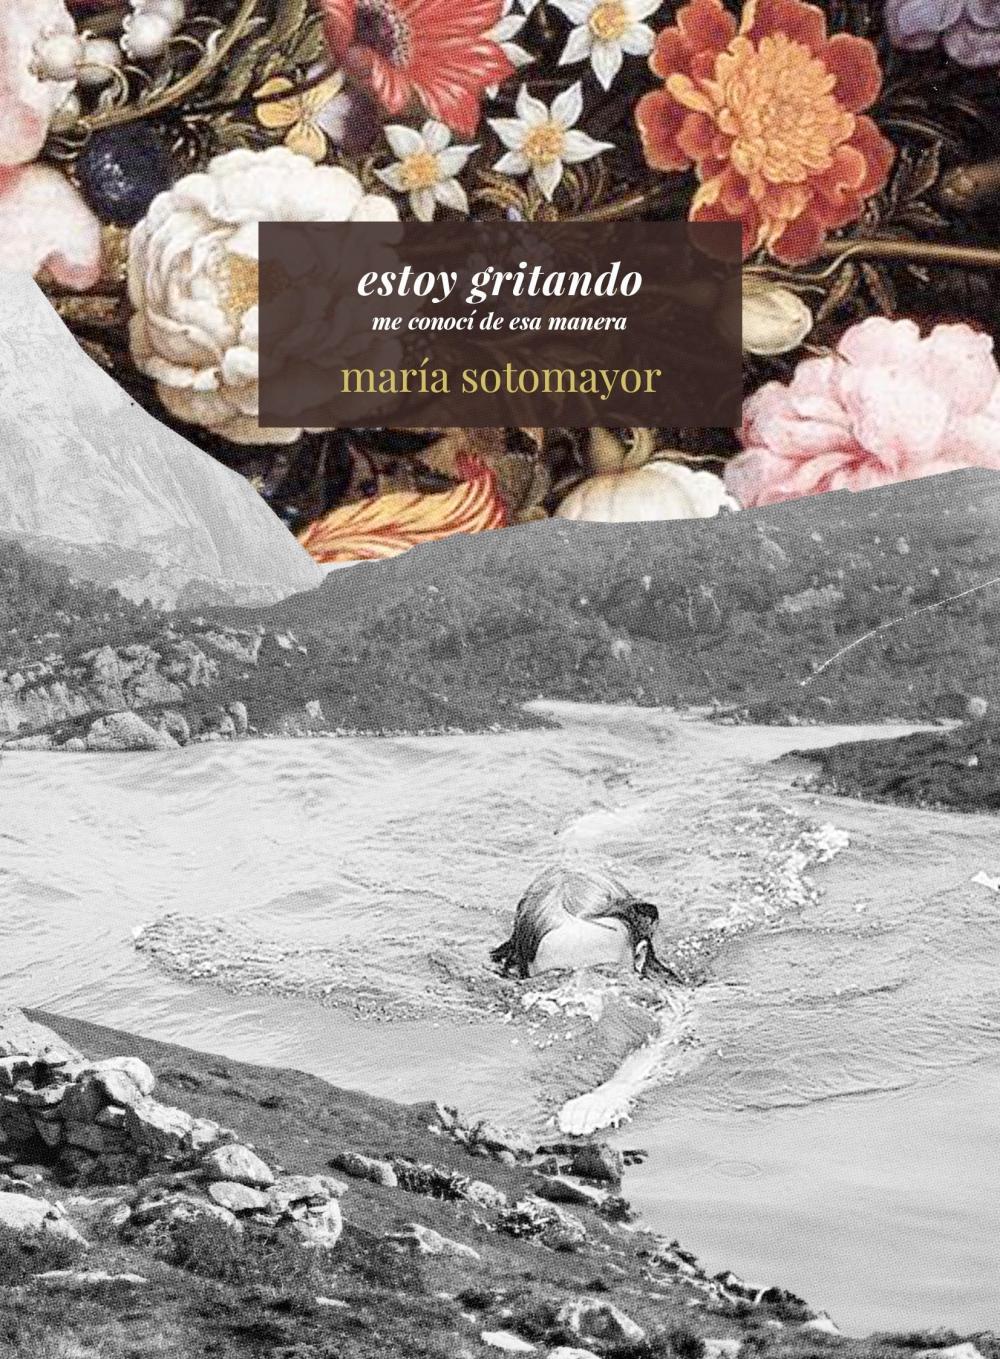 ESTOY GRITANDO